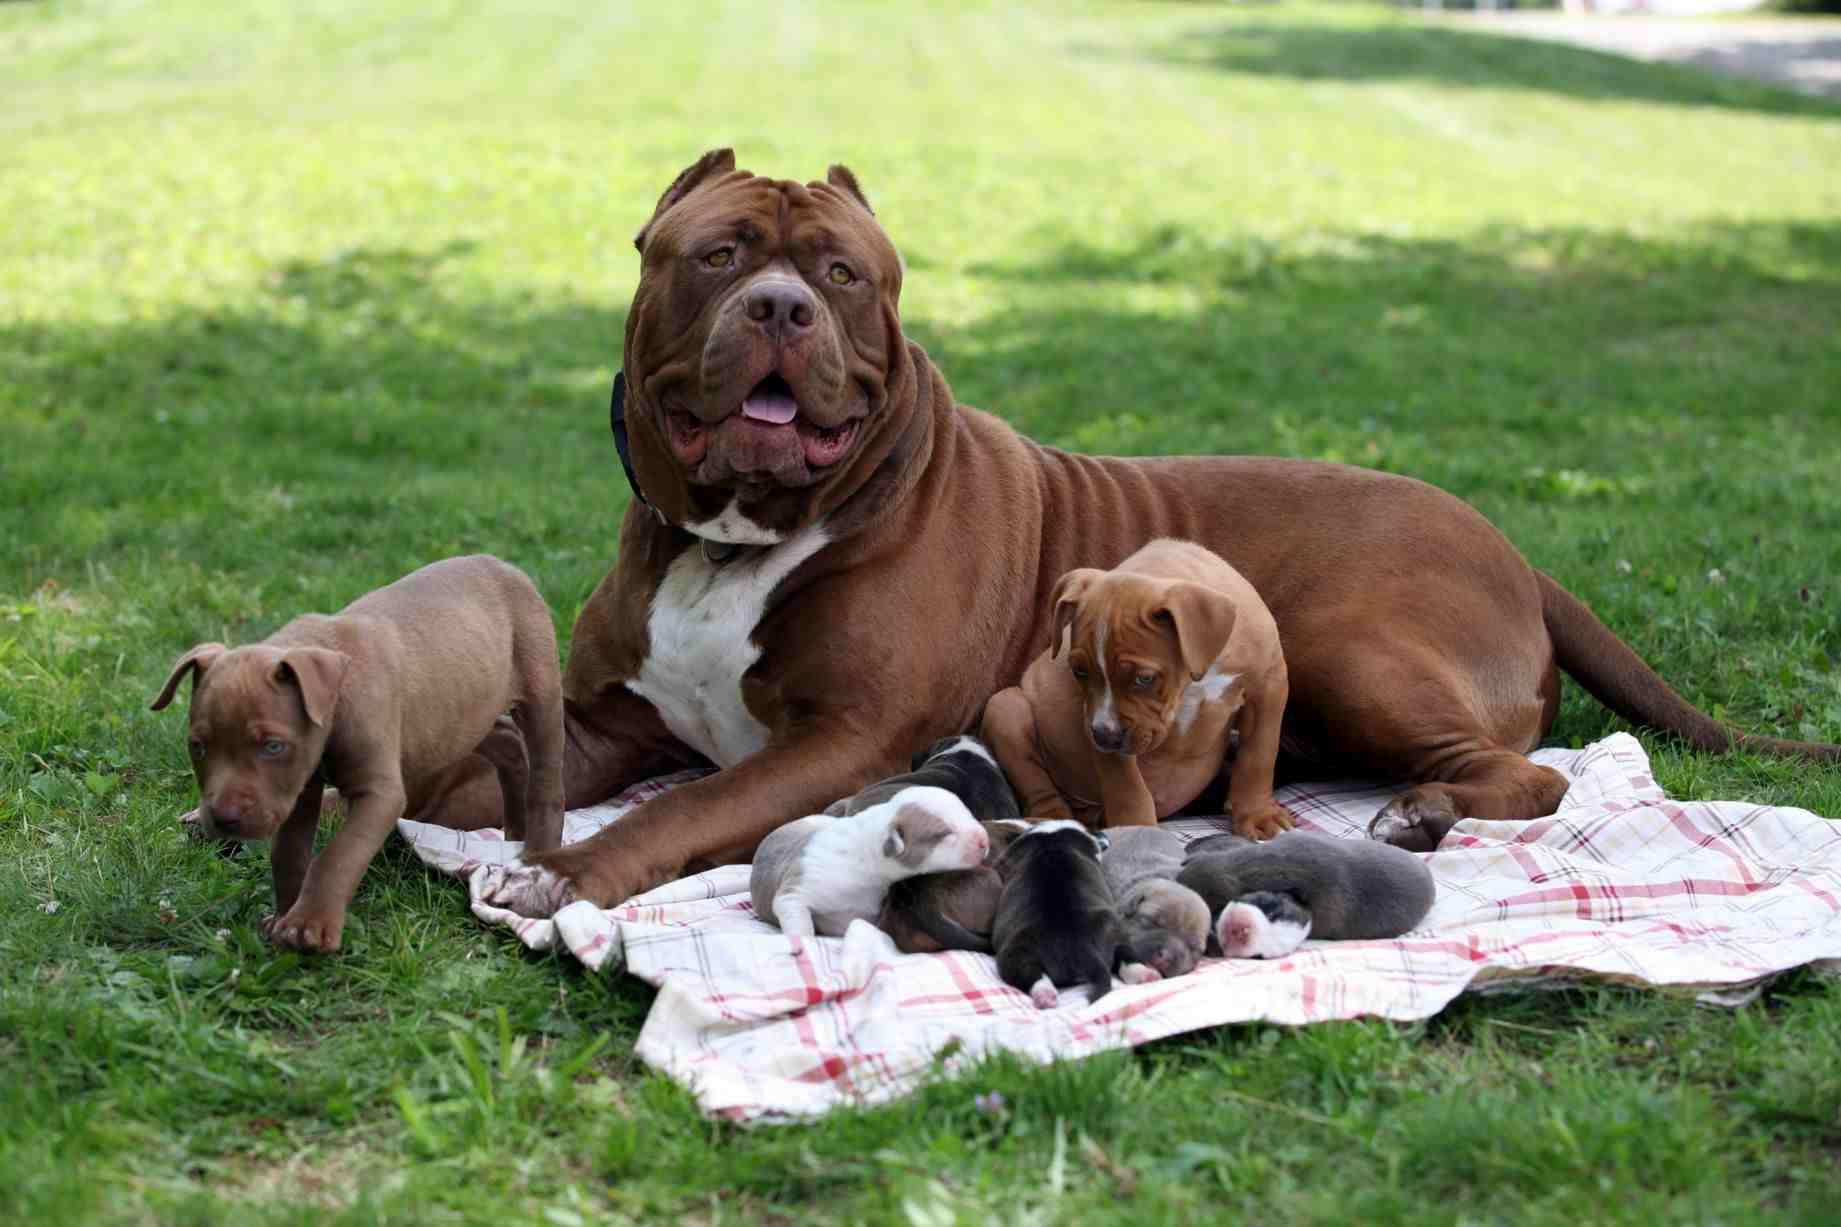 Hulk - World Largest Pitbull has fathered eight Pitbull puppies